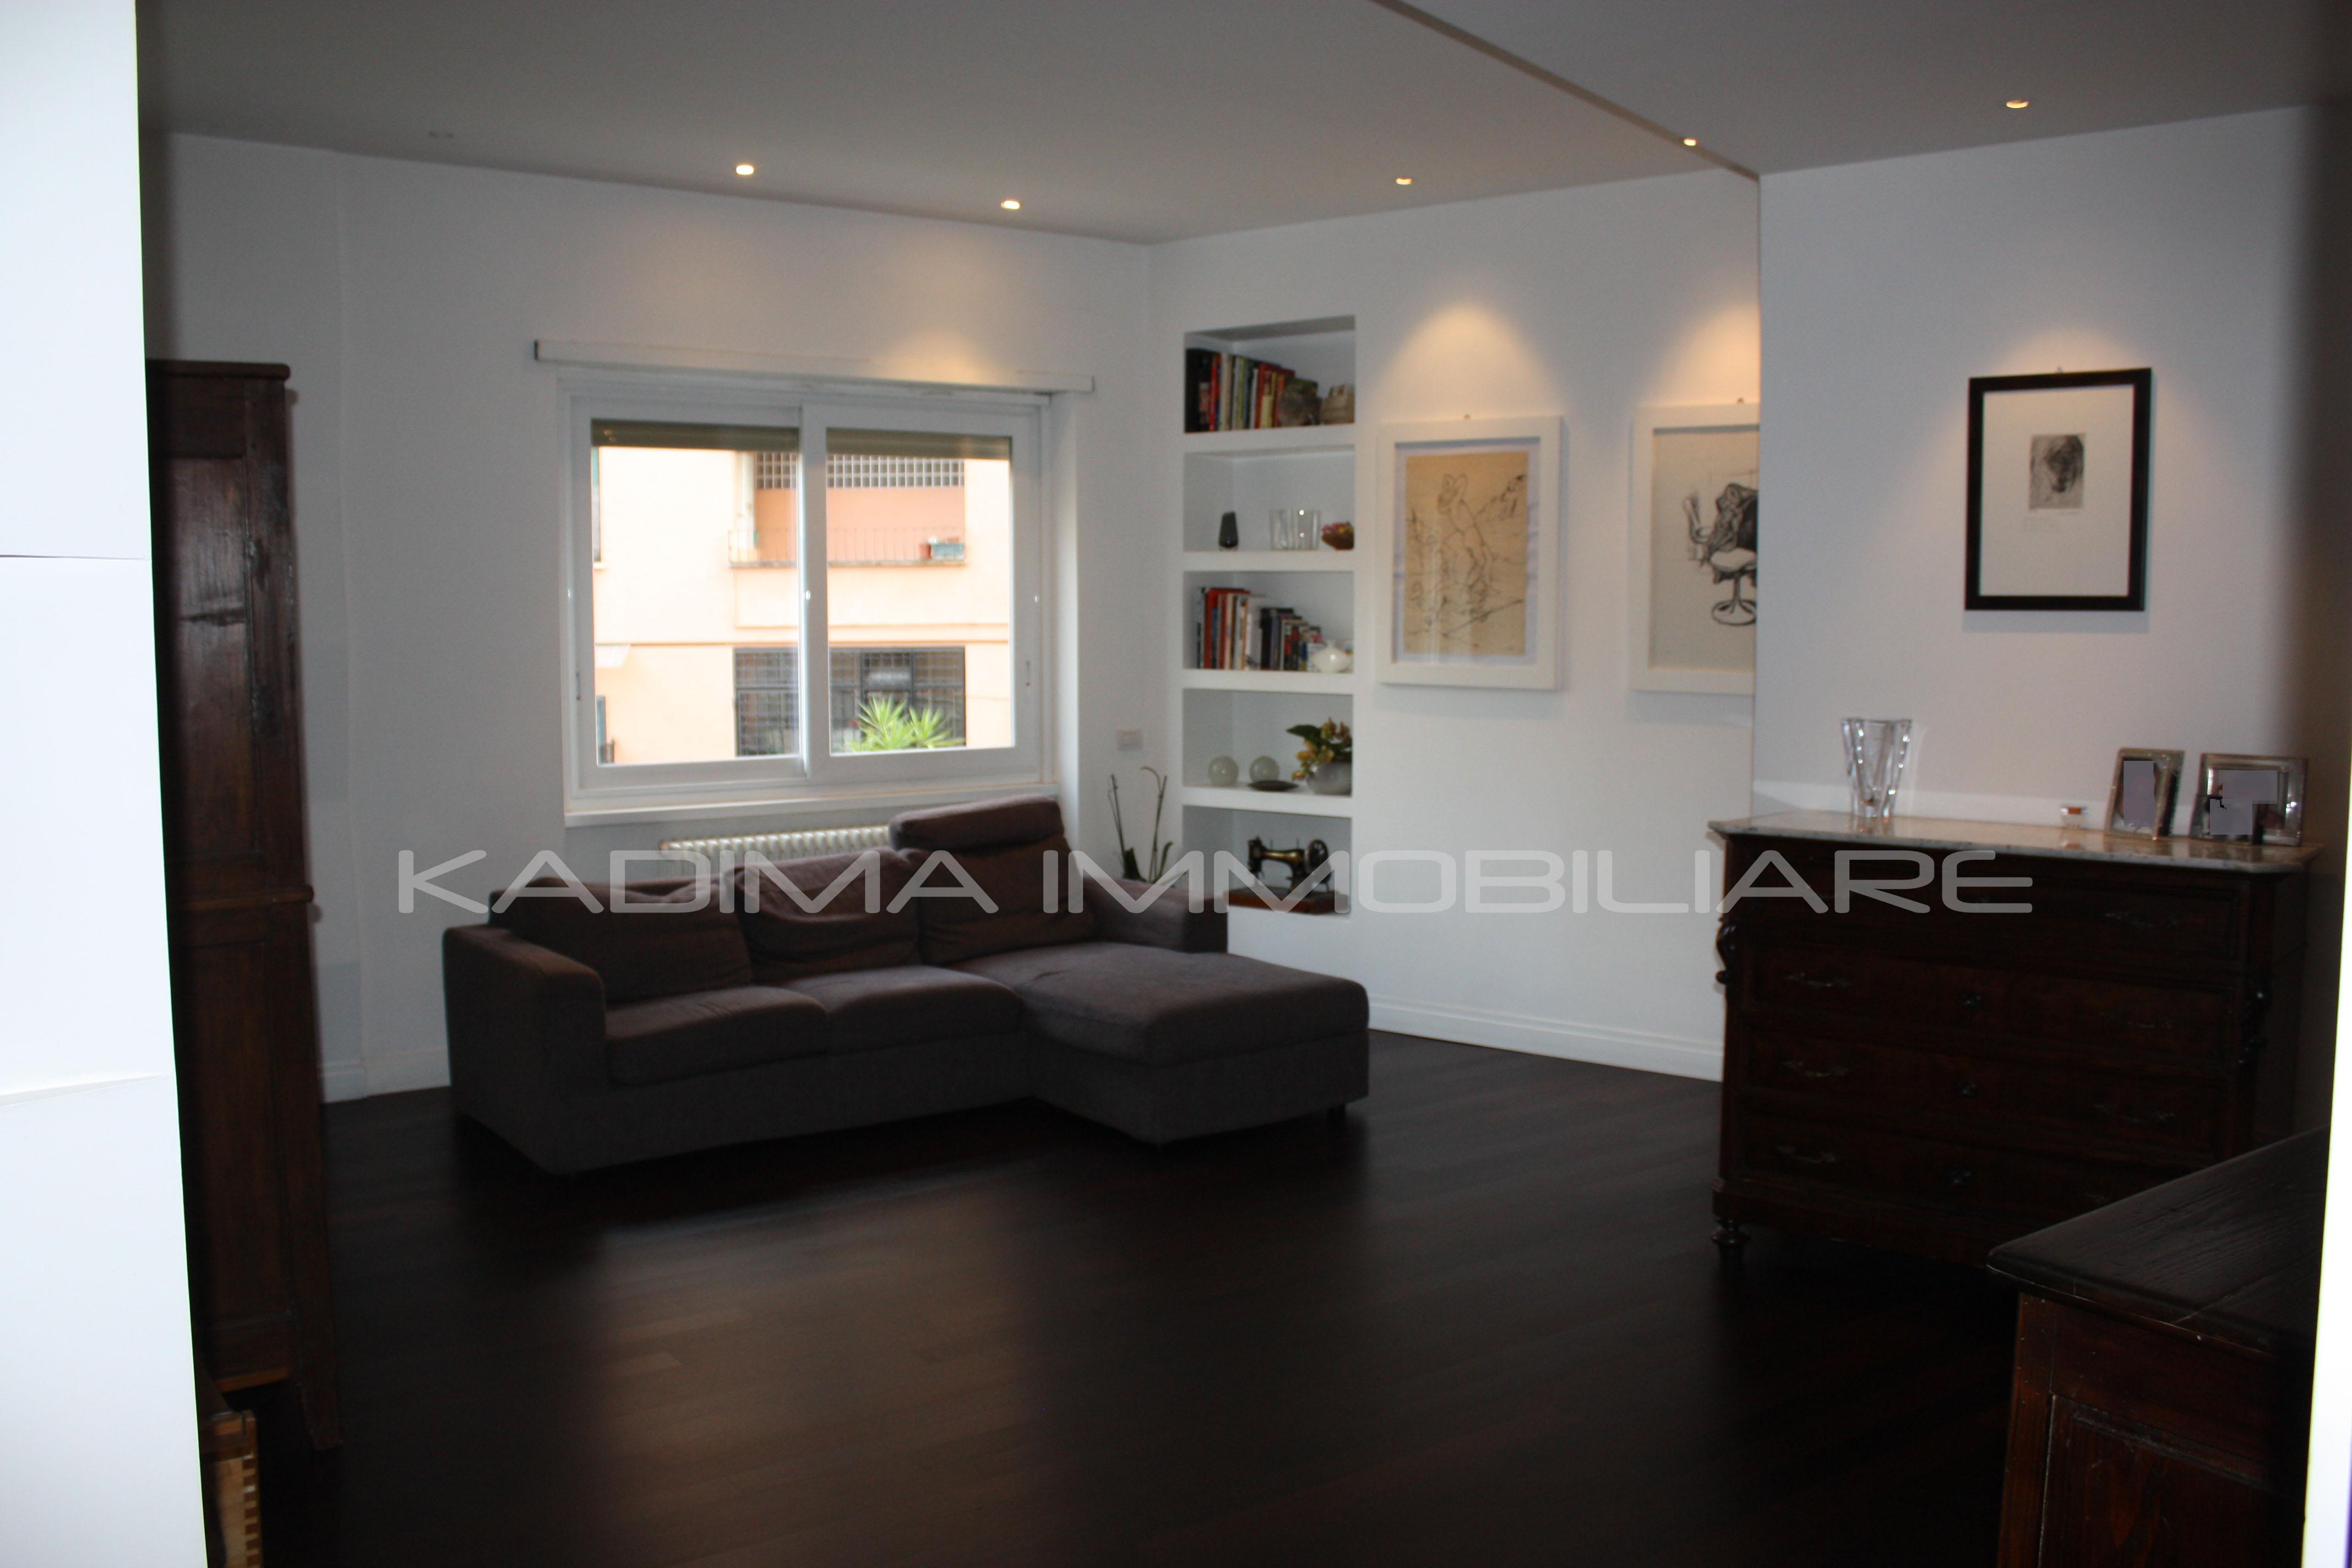 Appartamento zona Prati/Clodio